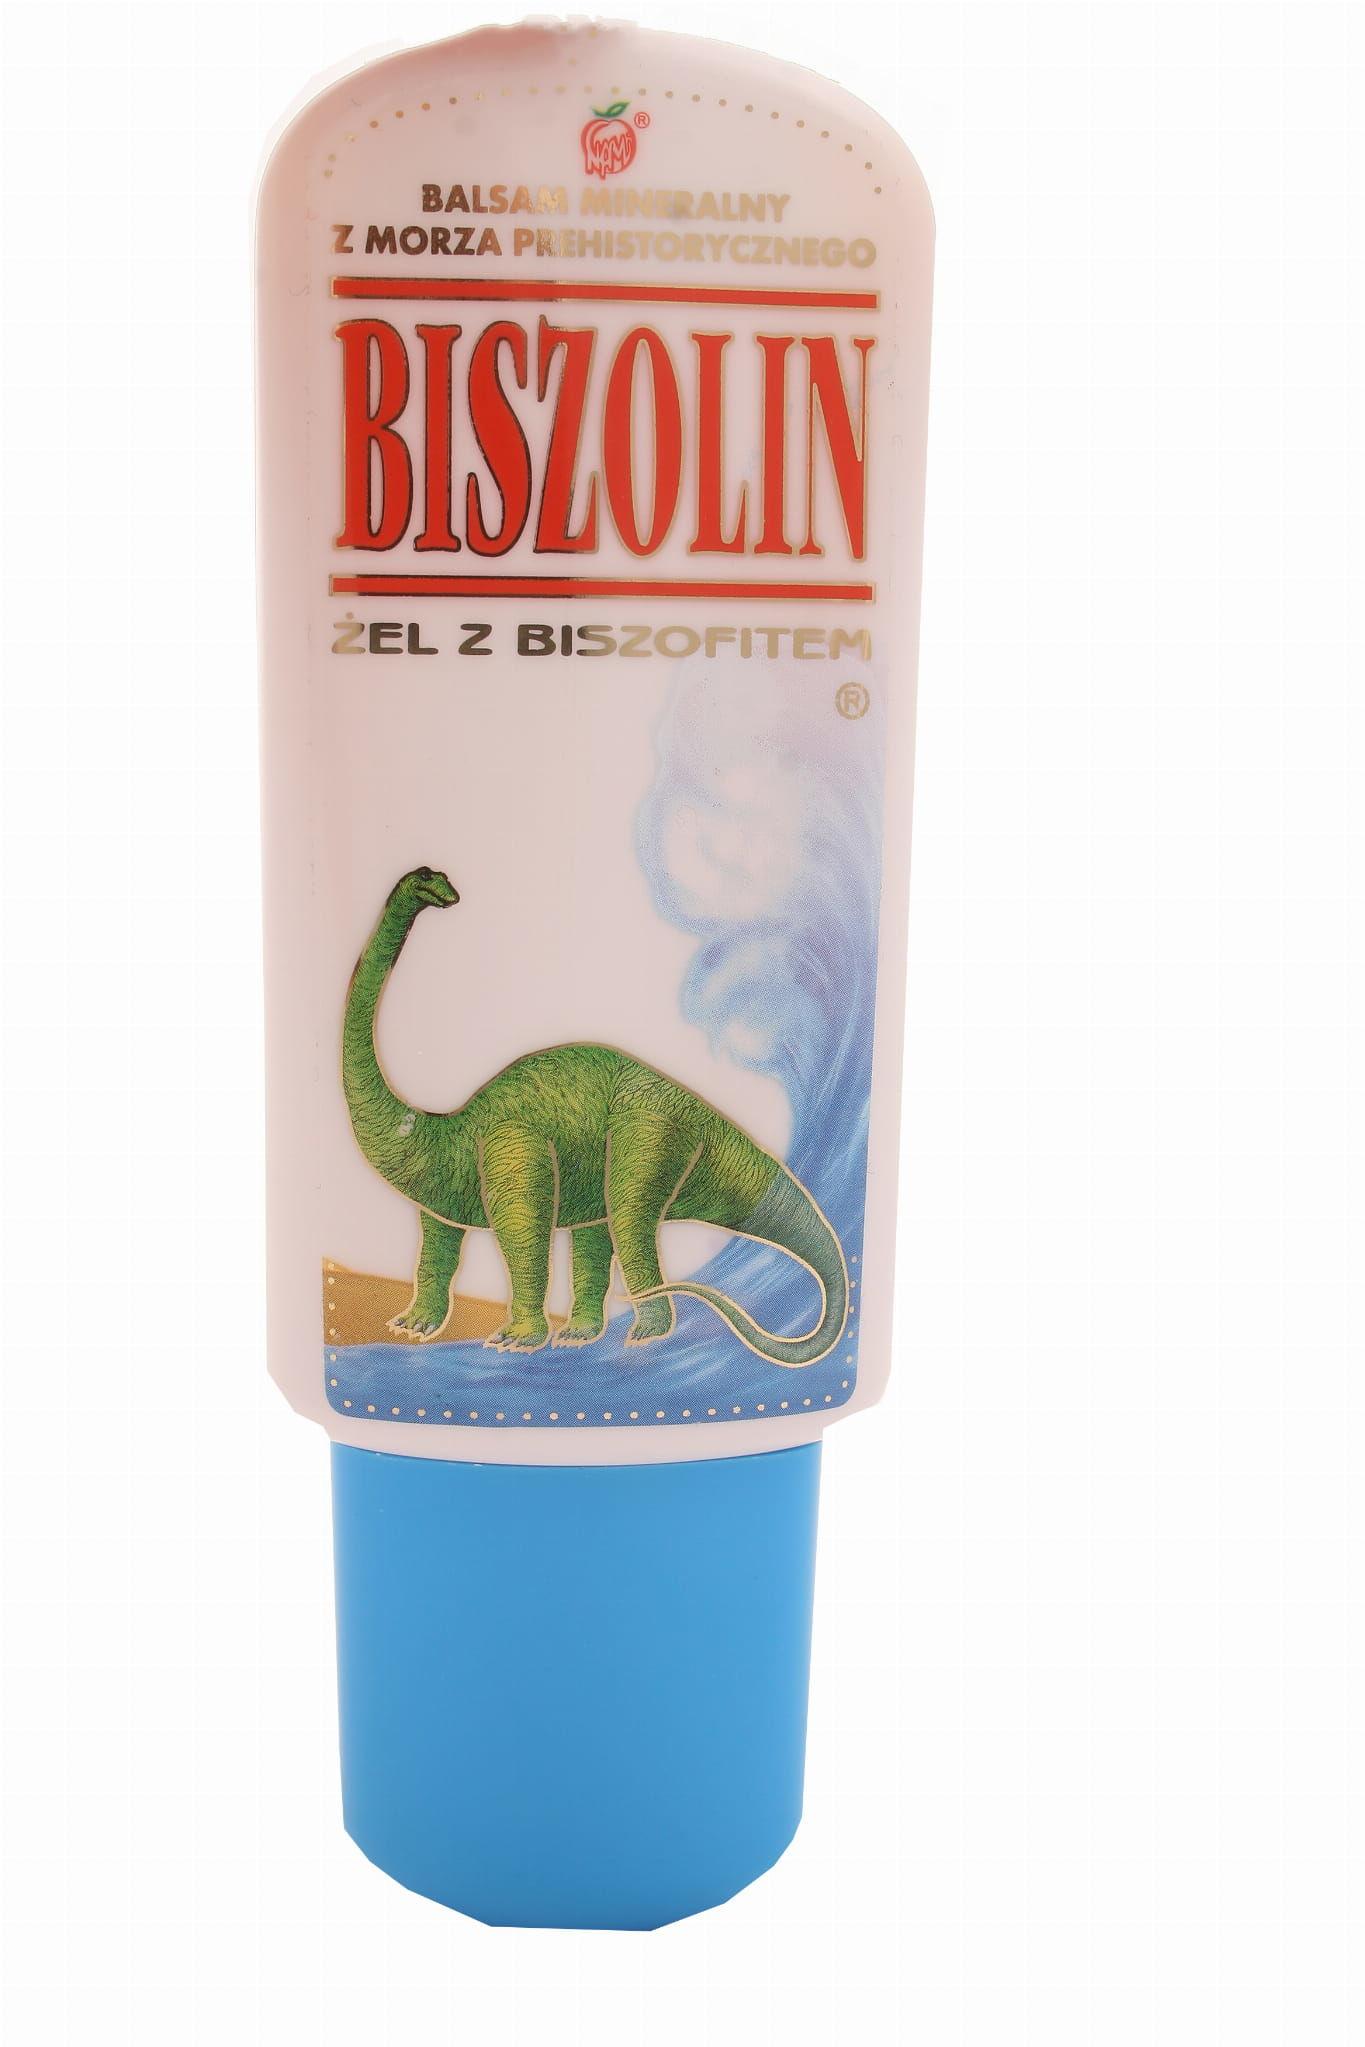 Biszolin żel z biszofitem - Nami - 100g